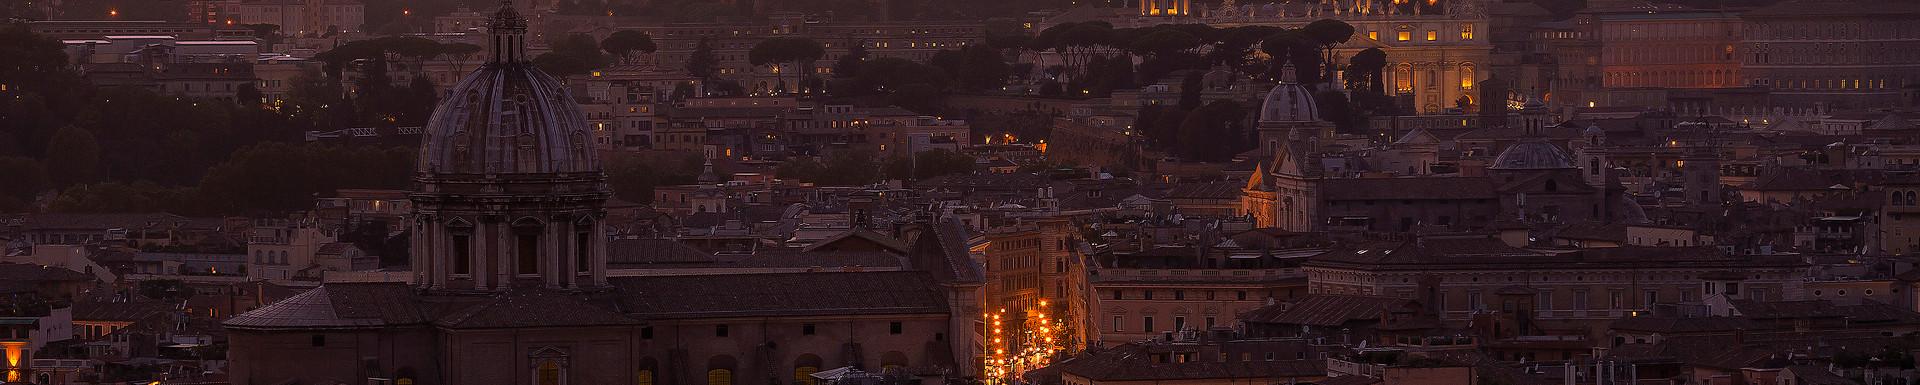 Roman Evening